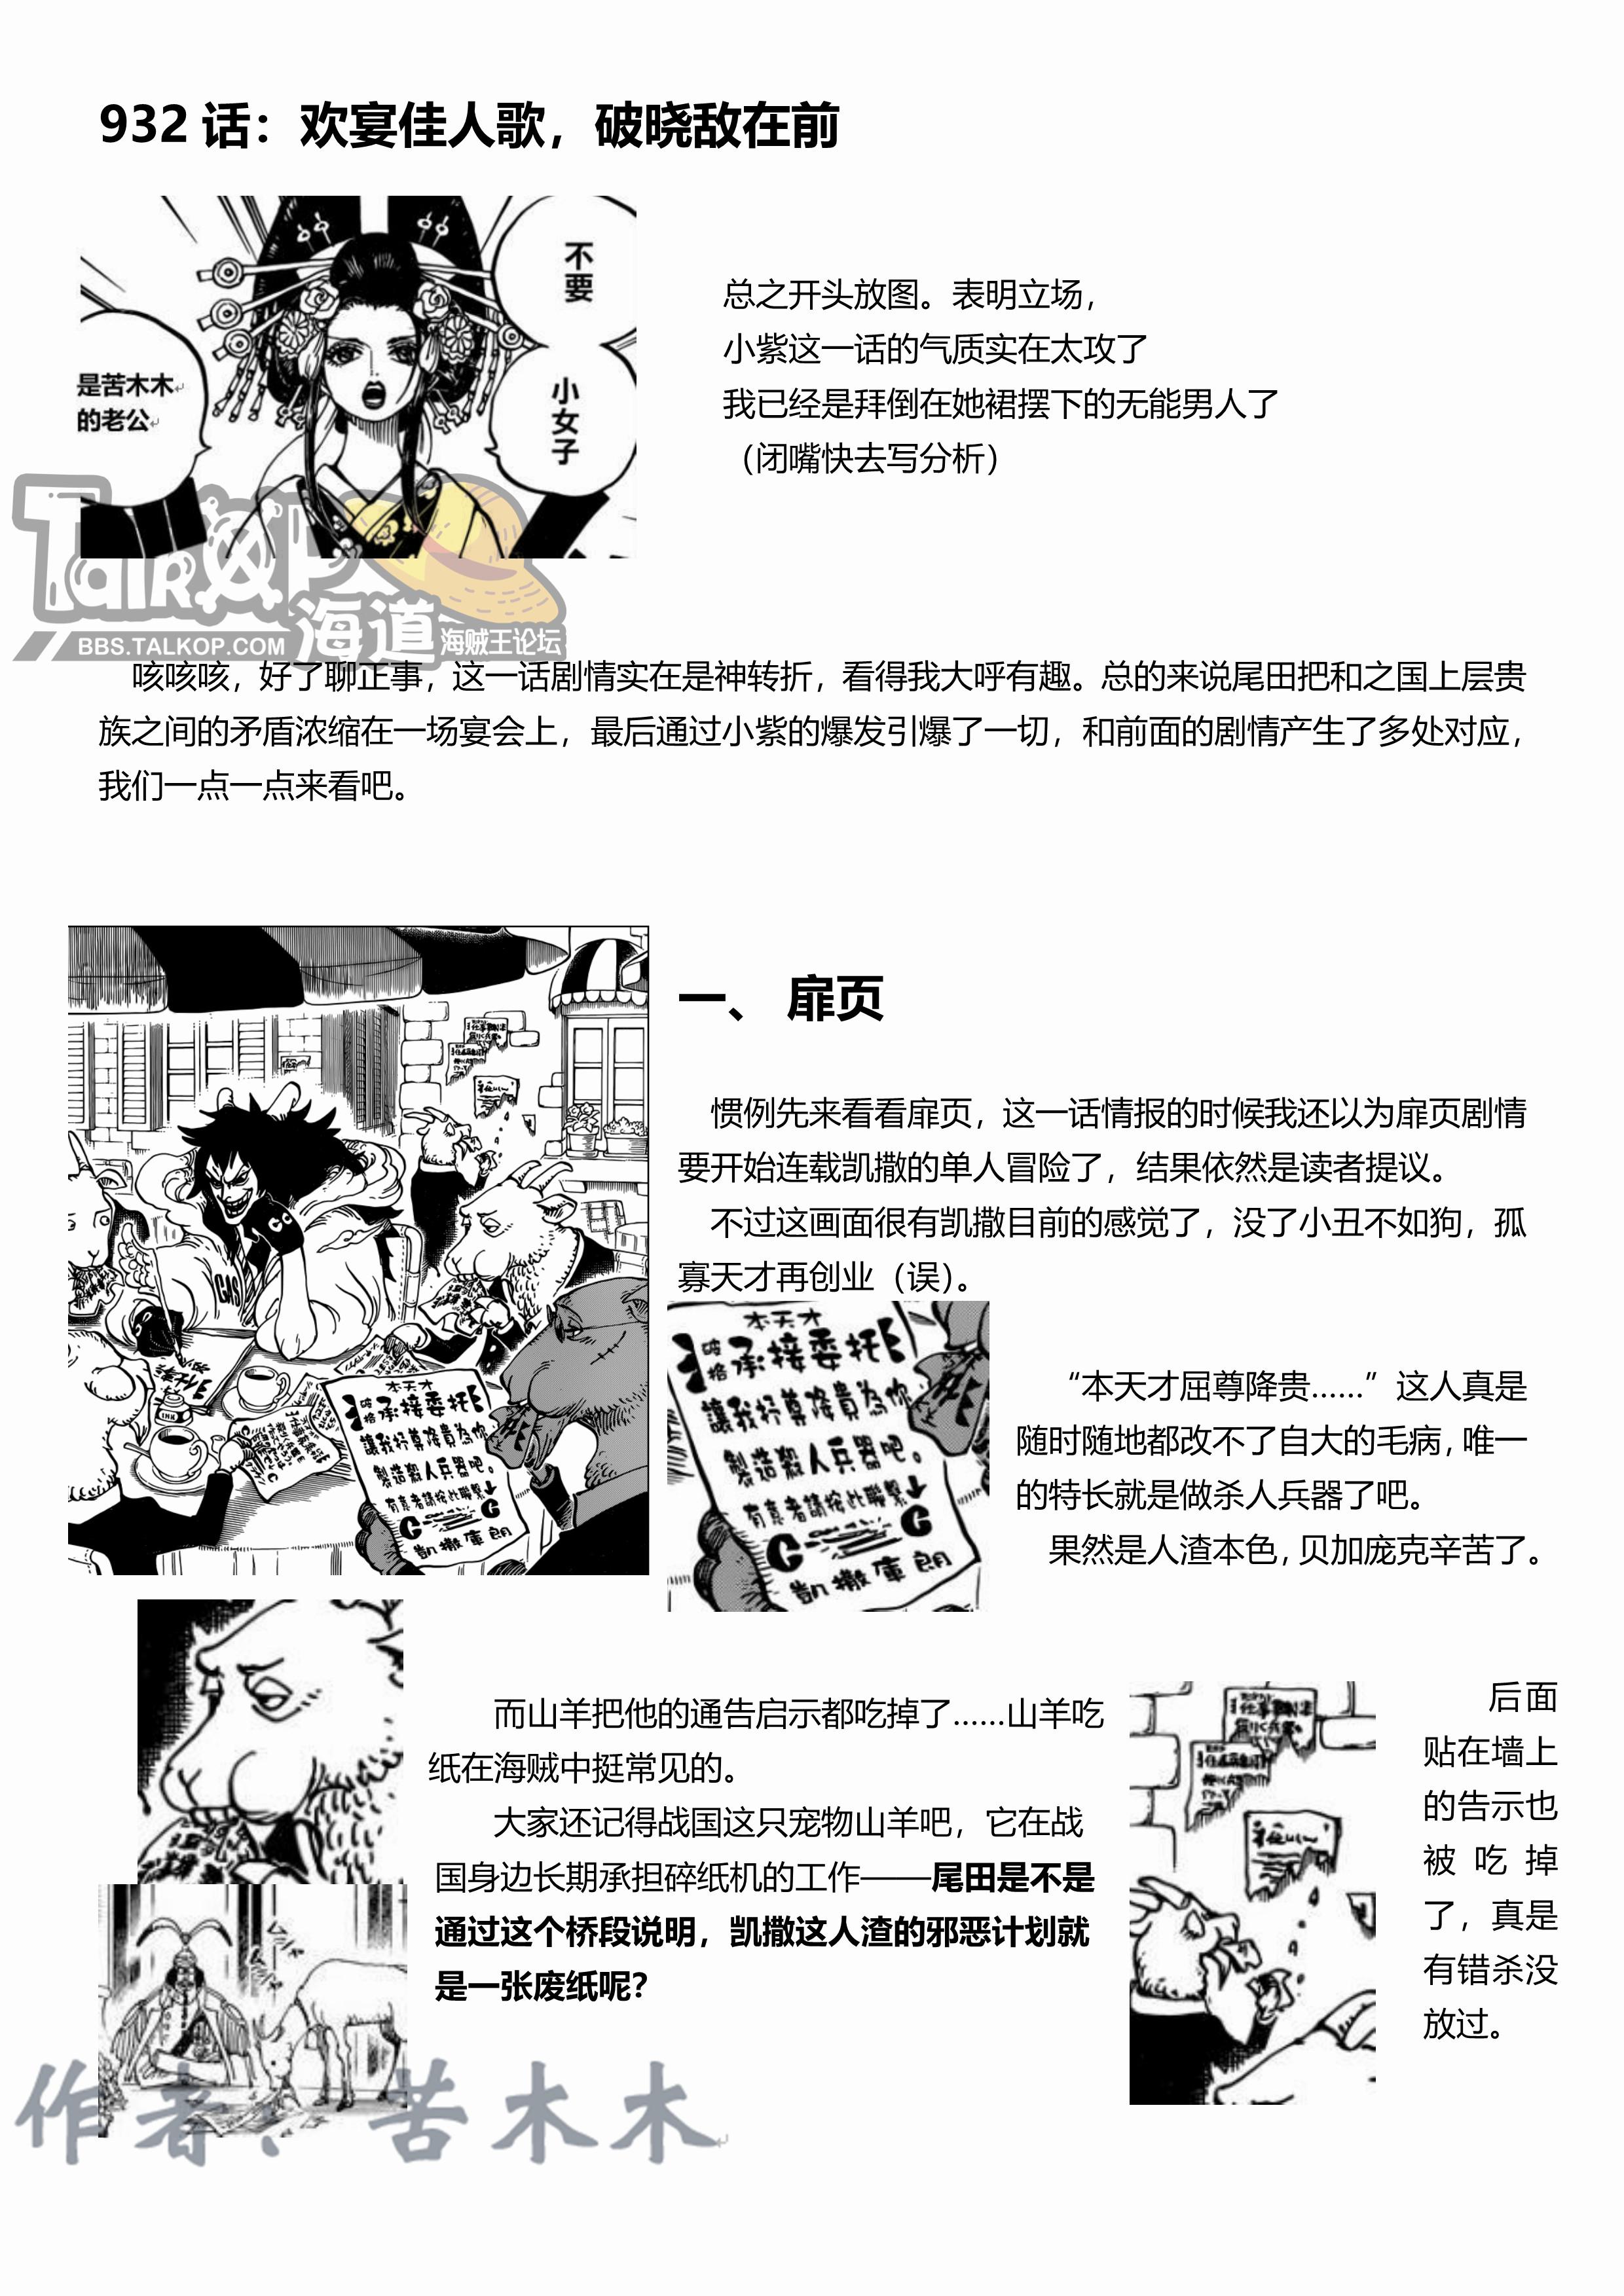 020717522639_0932_1_副本.jpg